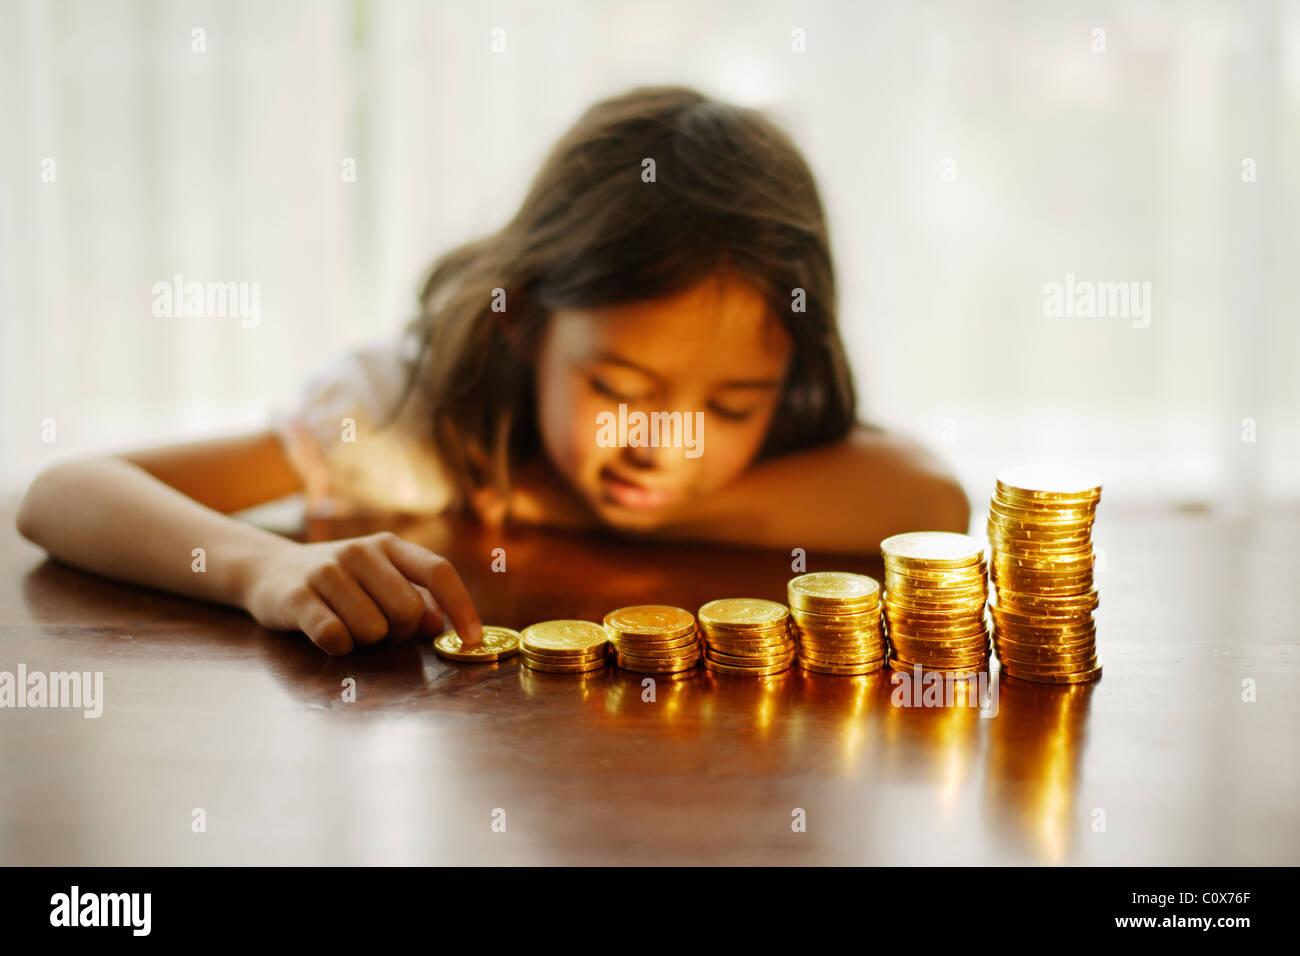 Investieren in Gold. Mädchen mit gestapelten Schokoladen gold-Münzen. Stockbild